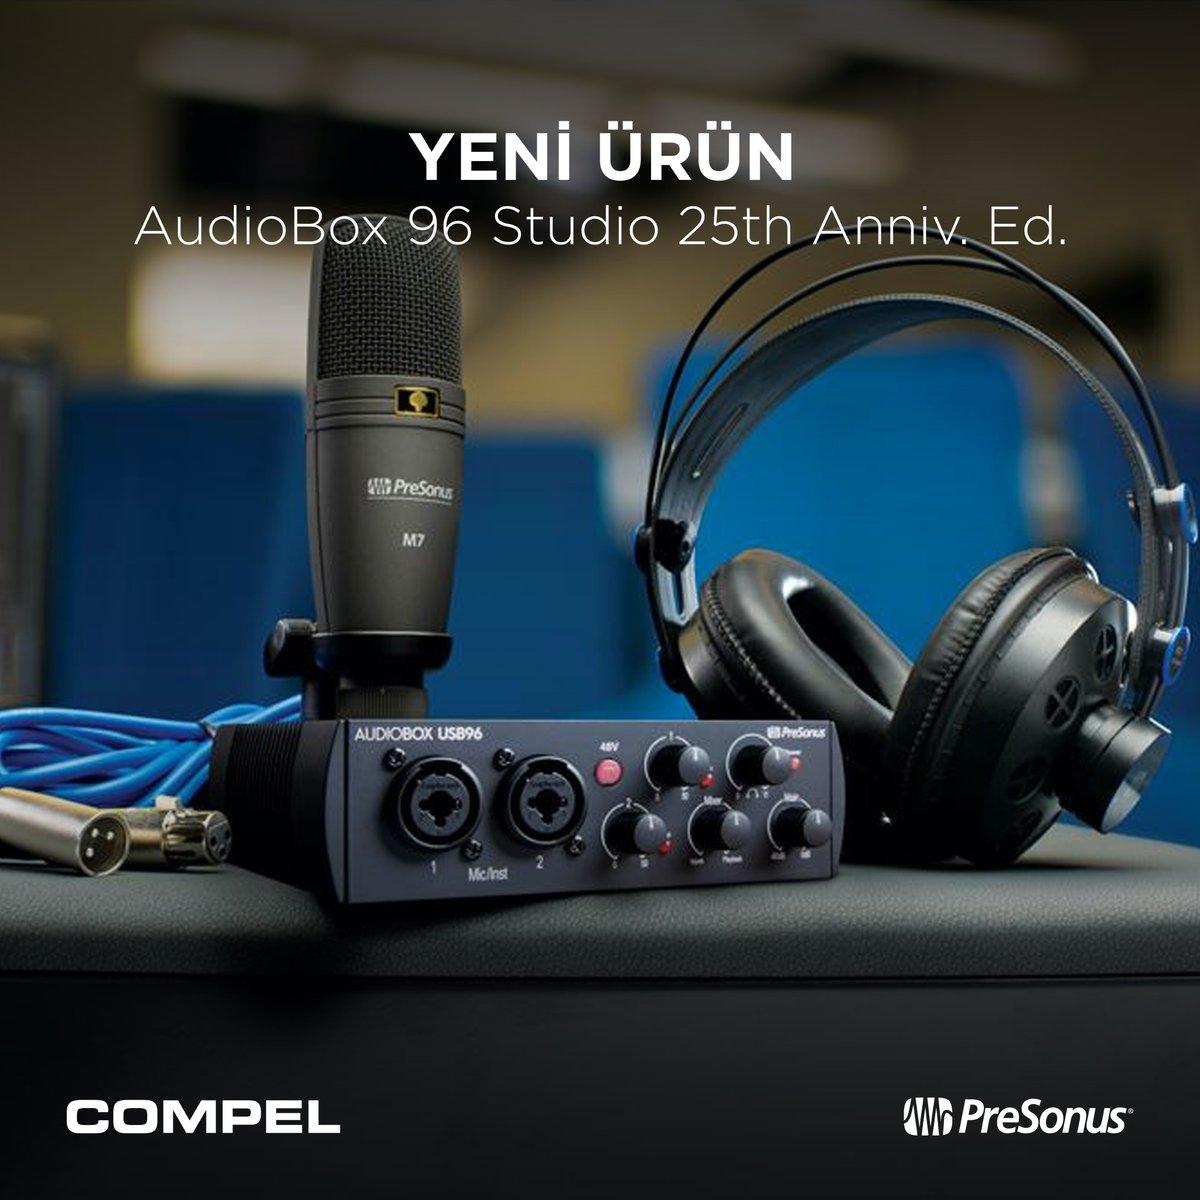 🆕 @PreSonus AudioBox 96 ses kartı, Studio One yazılımı, M7 kondenser mikrofon, HD7 kulaklık ve kablolar ile kayıt yapmaya başlamak için gerekli her şeyin bulunduğu AudioBox 96 Studio'nun 25. yıl özel versiyonu stoklarımızda 😊  🔗 #Compel #PreSonus